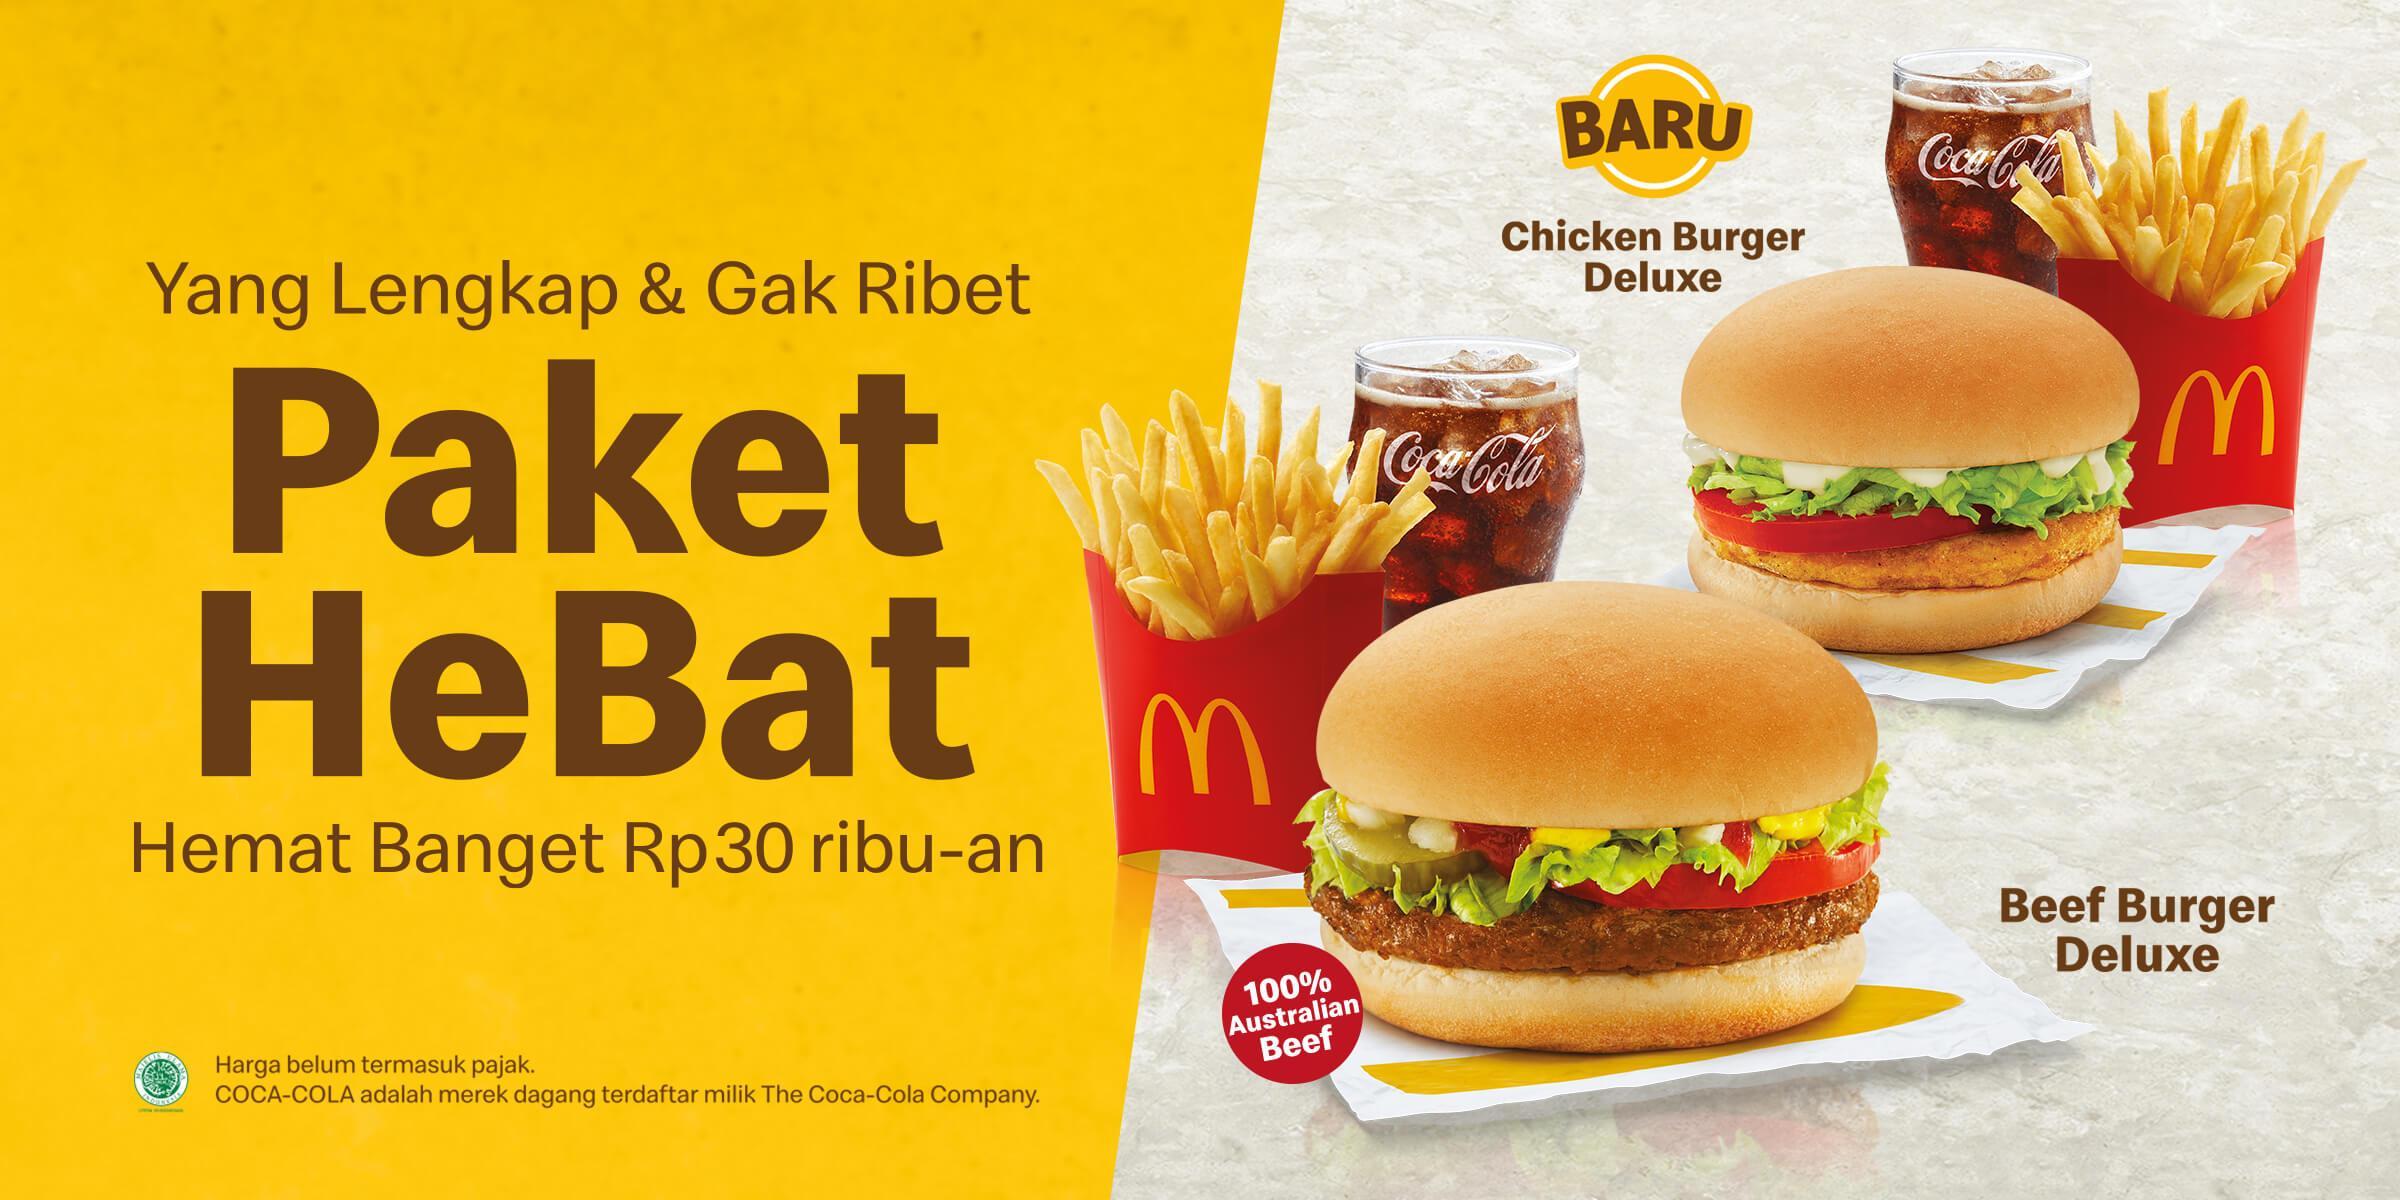 Iklan Makanan McDonalds